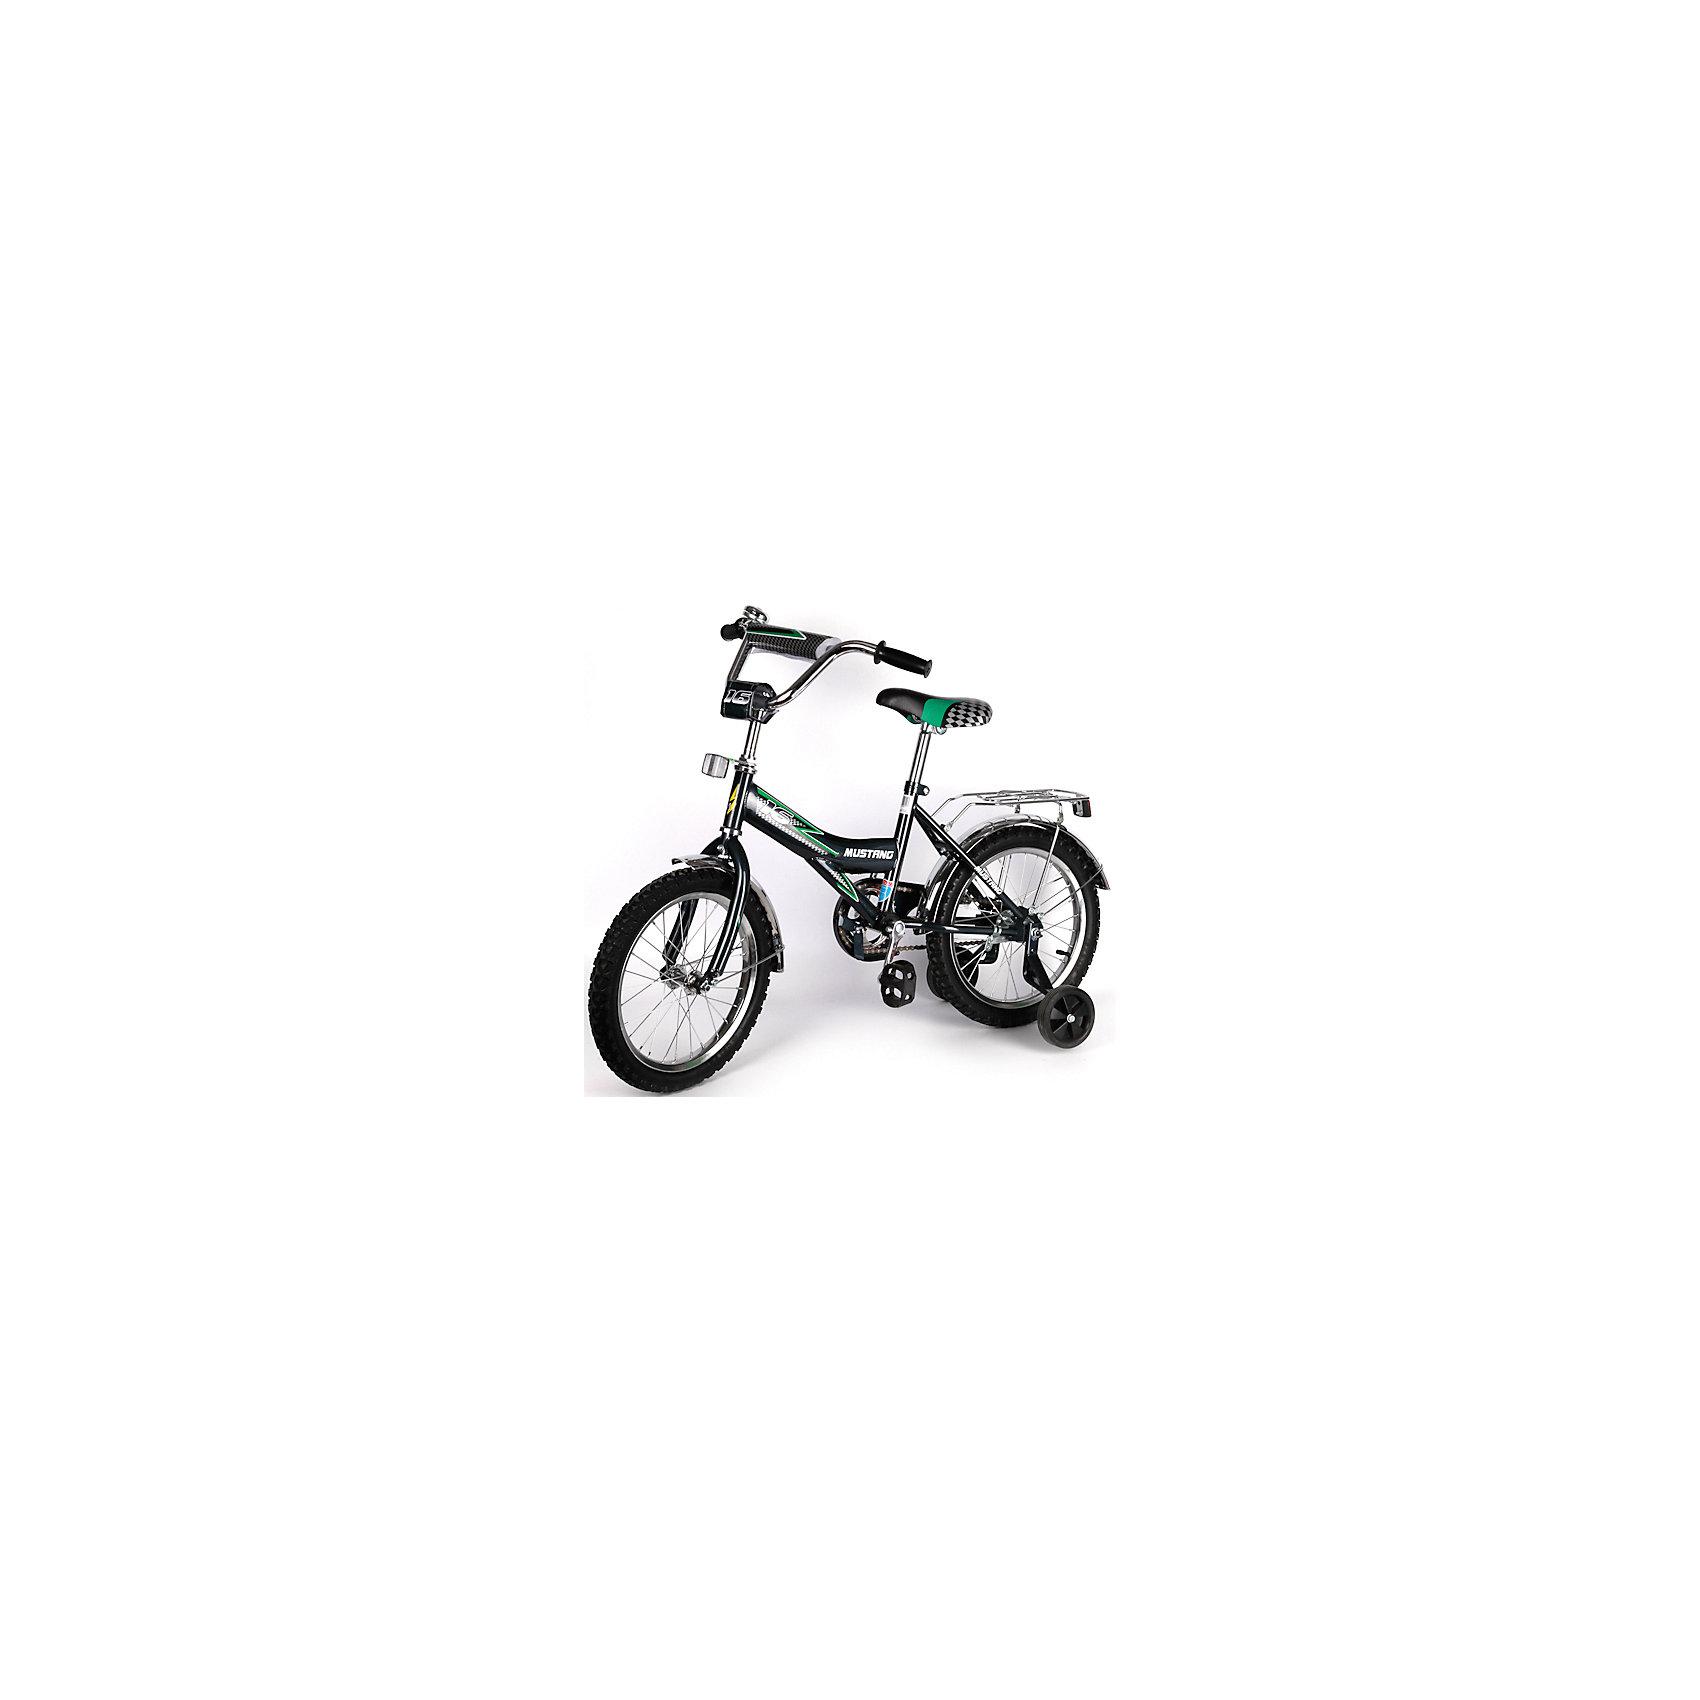 """Детский велосипед,  14"""",  черный, MustangВелосипед детский «Mustang» 14"""", низкая Push-рама, 1 скорость, задний ножной тормоз, регулируемый хромированный руль BMX с защитной накладкой, багажник и звонок, приставные пластиковые колеса с усиленным кронштейном, полная защита цепи """"P"""" типа, усиленные хром крылья, ограничитель поворота руля,  черный<br><br>Ширина мм: 500<br>Глубина мм: 680<br>Высота мм: 1000<br>Вес г: 10500<br>Возраст от месяцев: 36<br>Возраст до месяцев: 72<br>Пол: Мужской<br>Возраст: Детский<br>SKU: 5526375"""